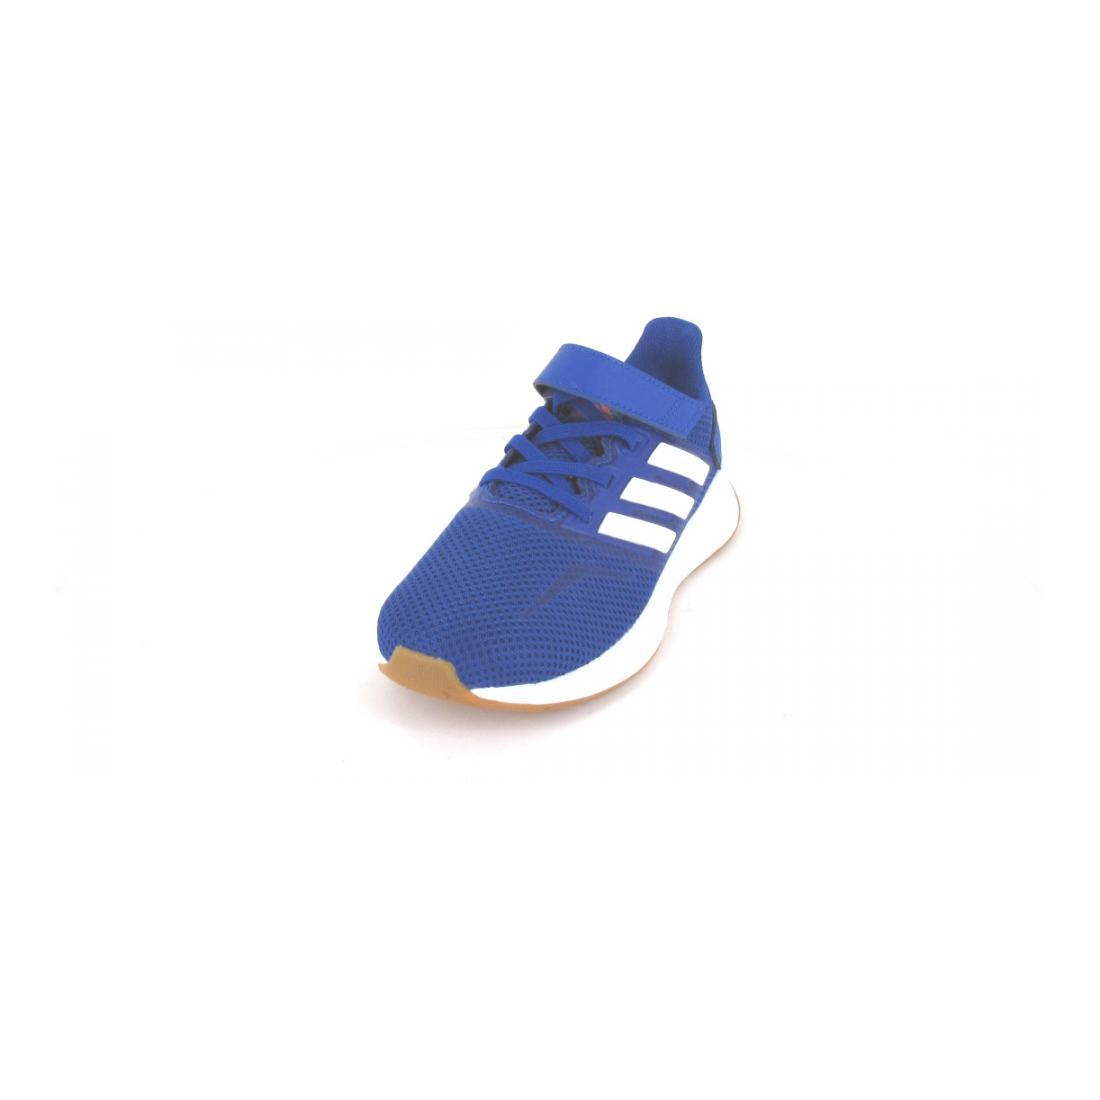 adidas Laufschuh FW5139 000 Runfalcon C